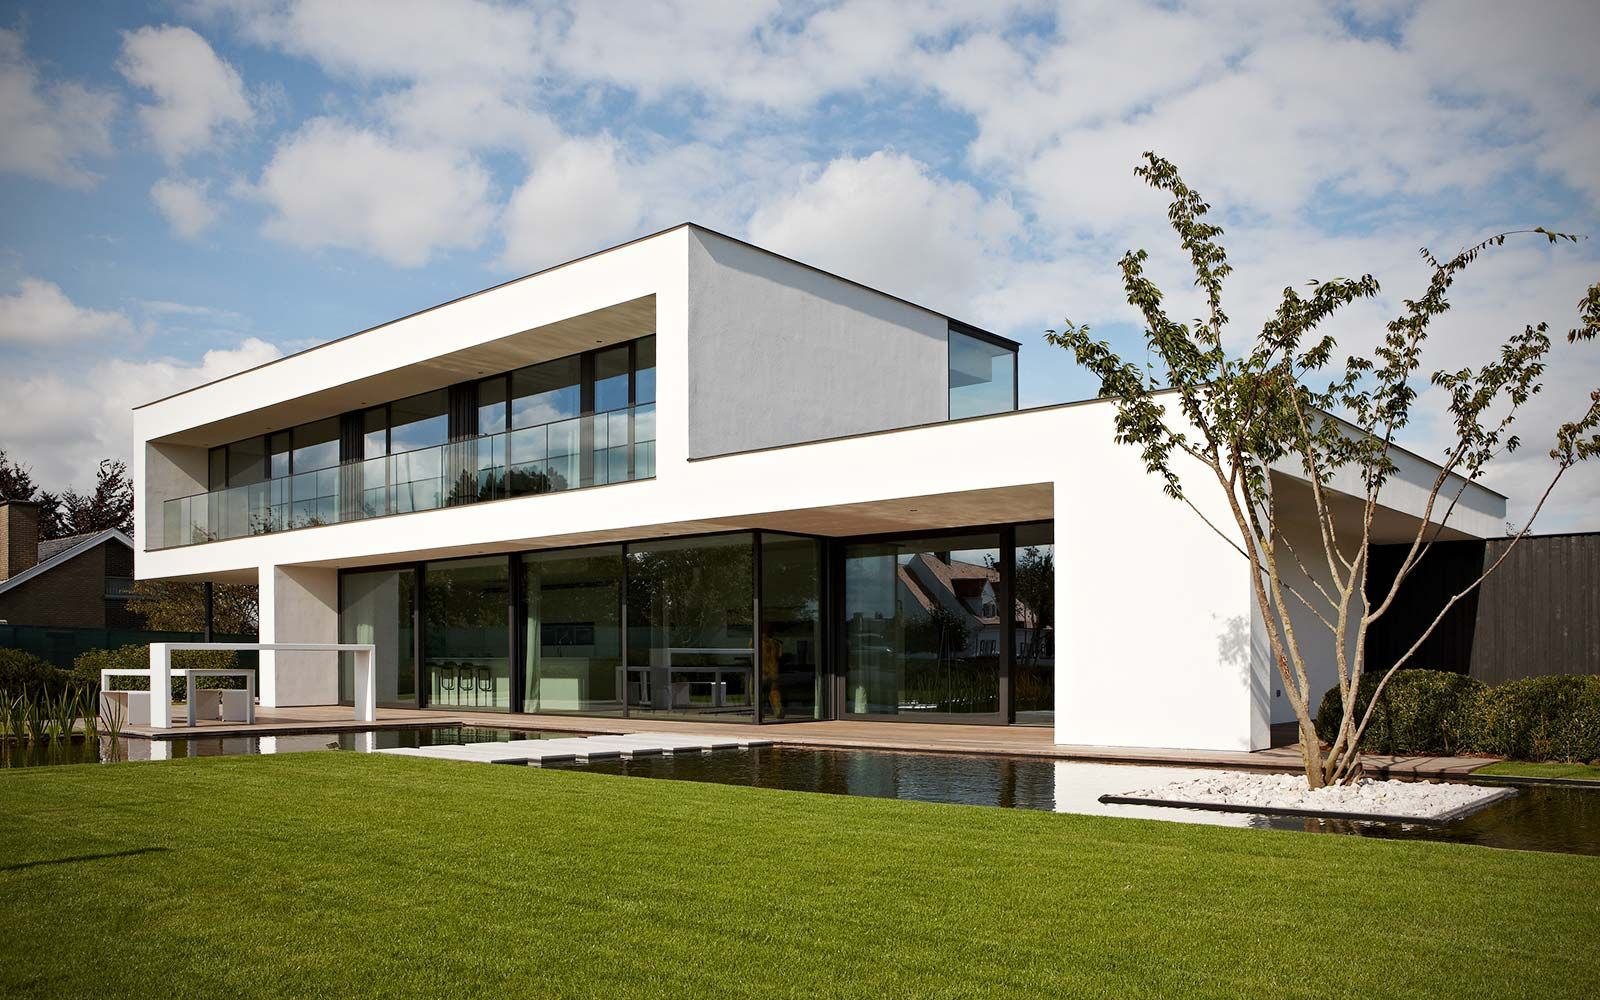 Moderne huizen plannen google zoeken